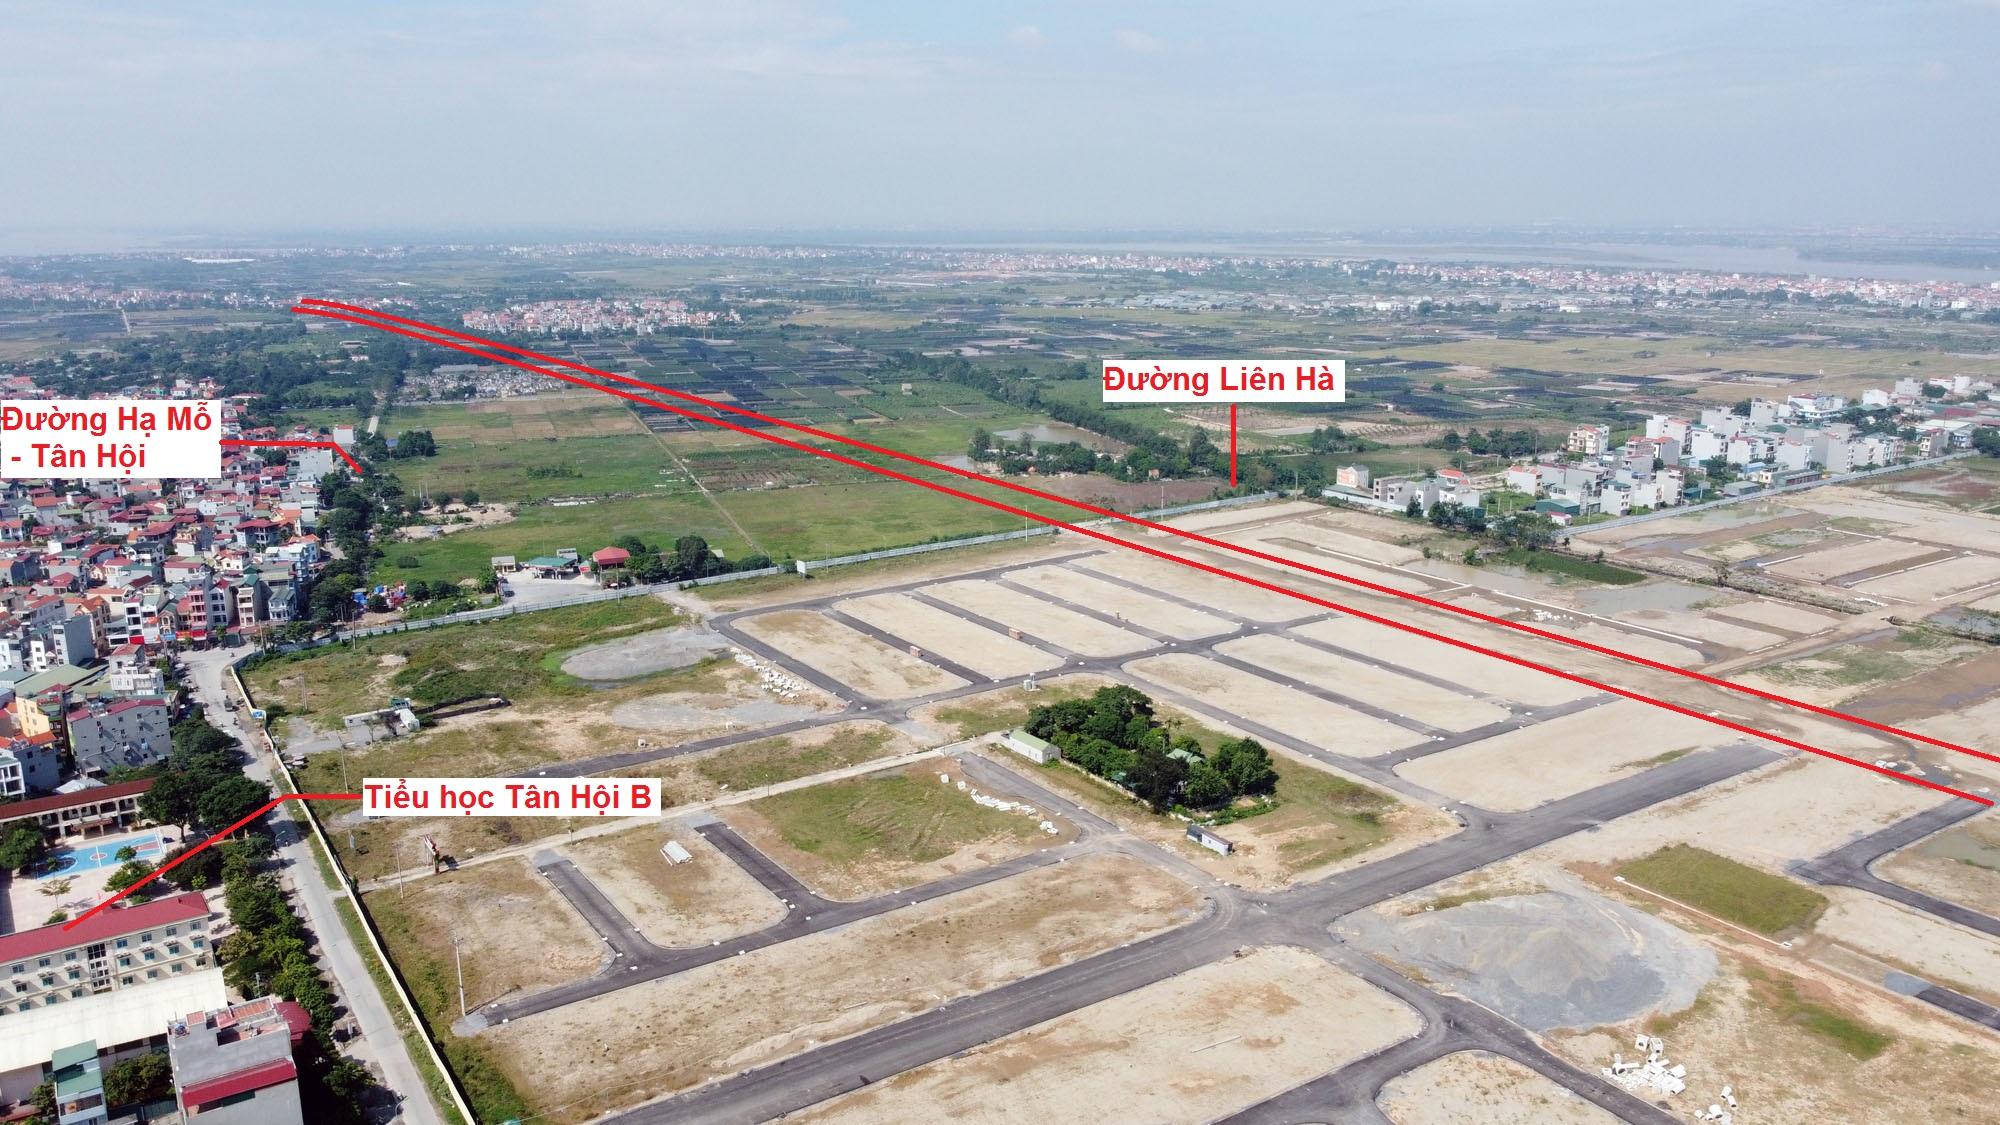 Ba đường sẽ mở theo qui hoạch ở xã Tân Hội, Đan Phượng, Hà Nội - Ảnh 12.